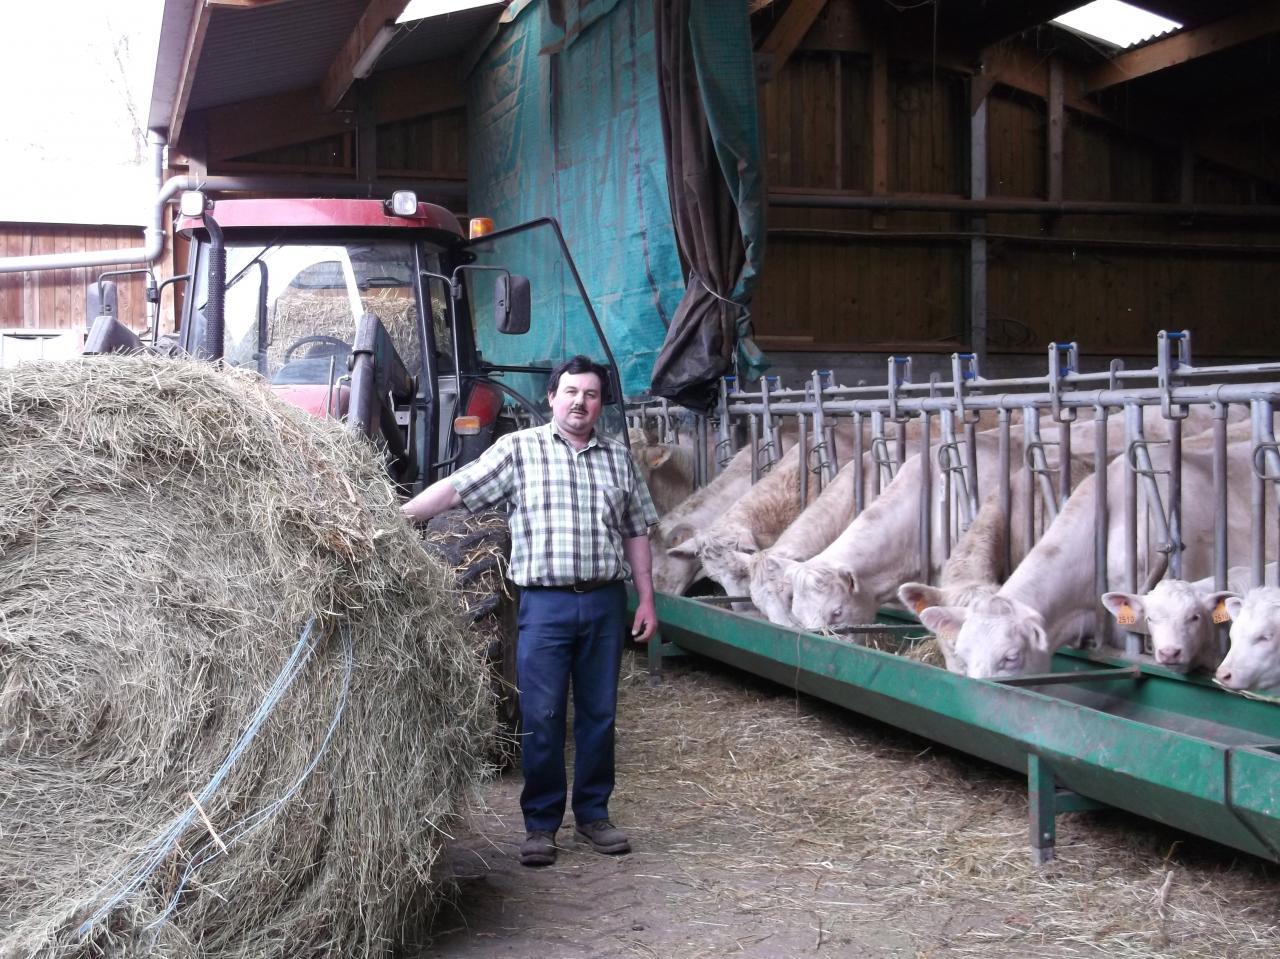 vente viande direct oise